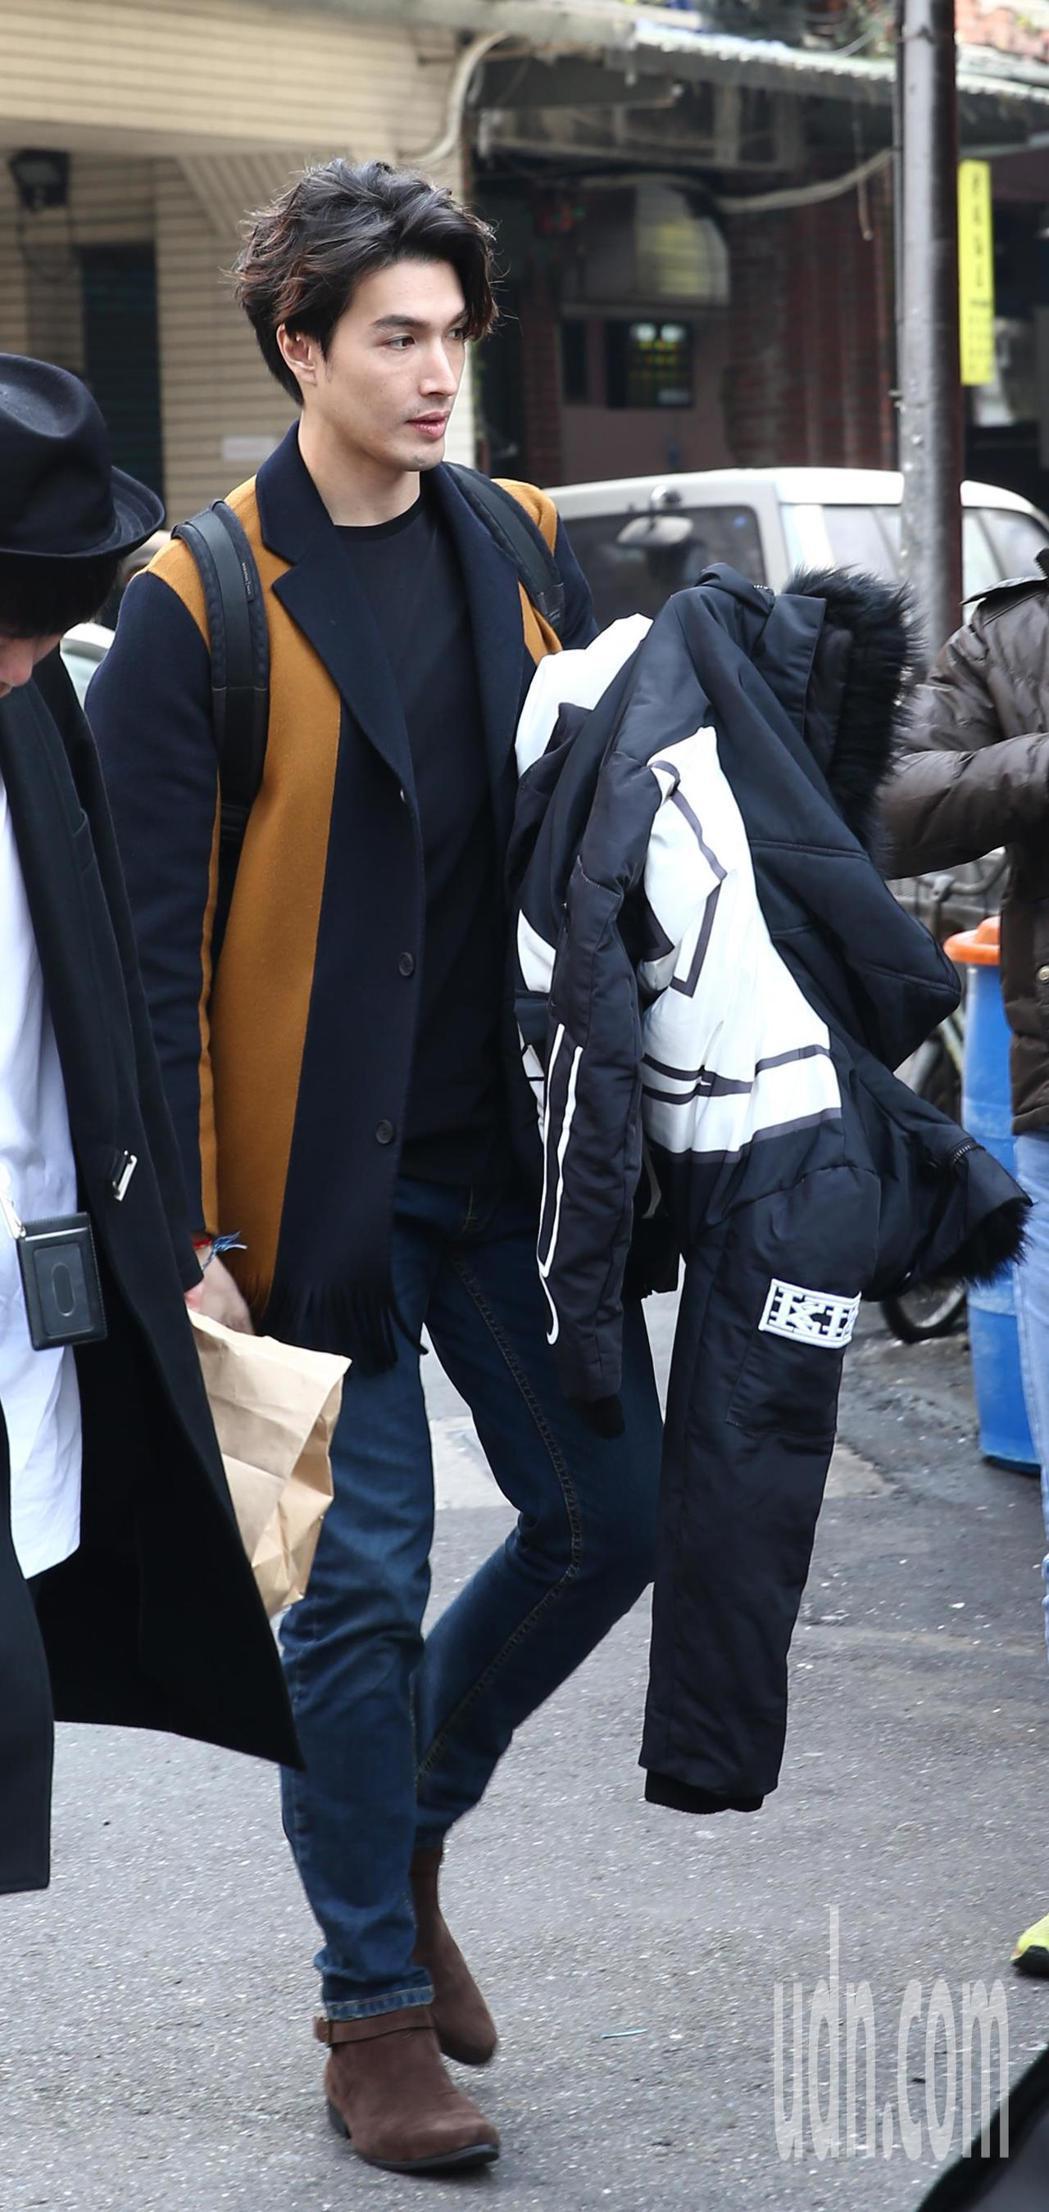 錦榮(圖)多次被傳到跟混血辣模「Akemi」香月明美約會,記者昨天巧遇錦榮與混血...